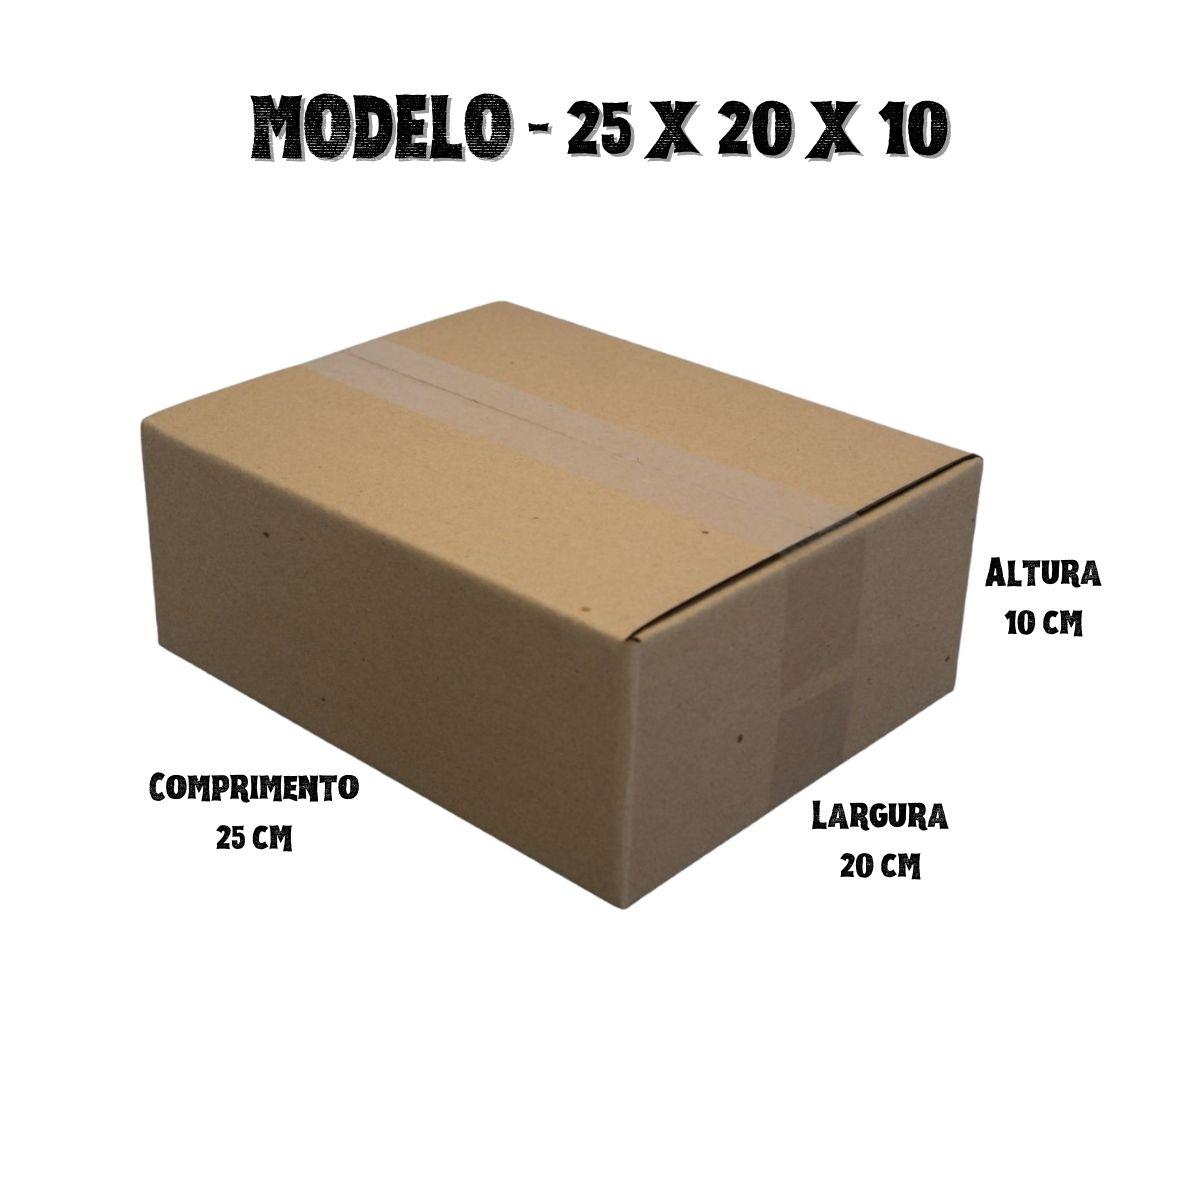 25 Caixas de Papelao (25X20X10)cm - Sedex / Pac / Correios